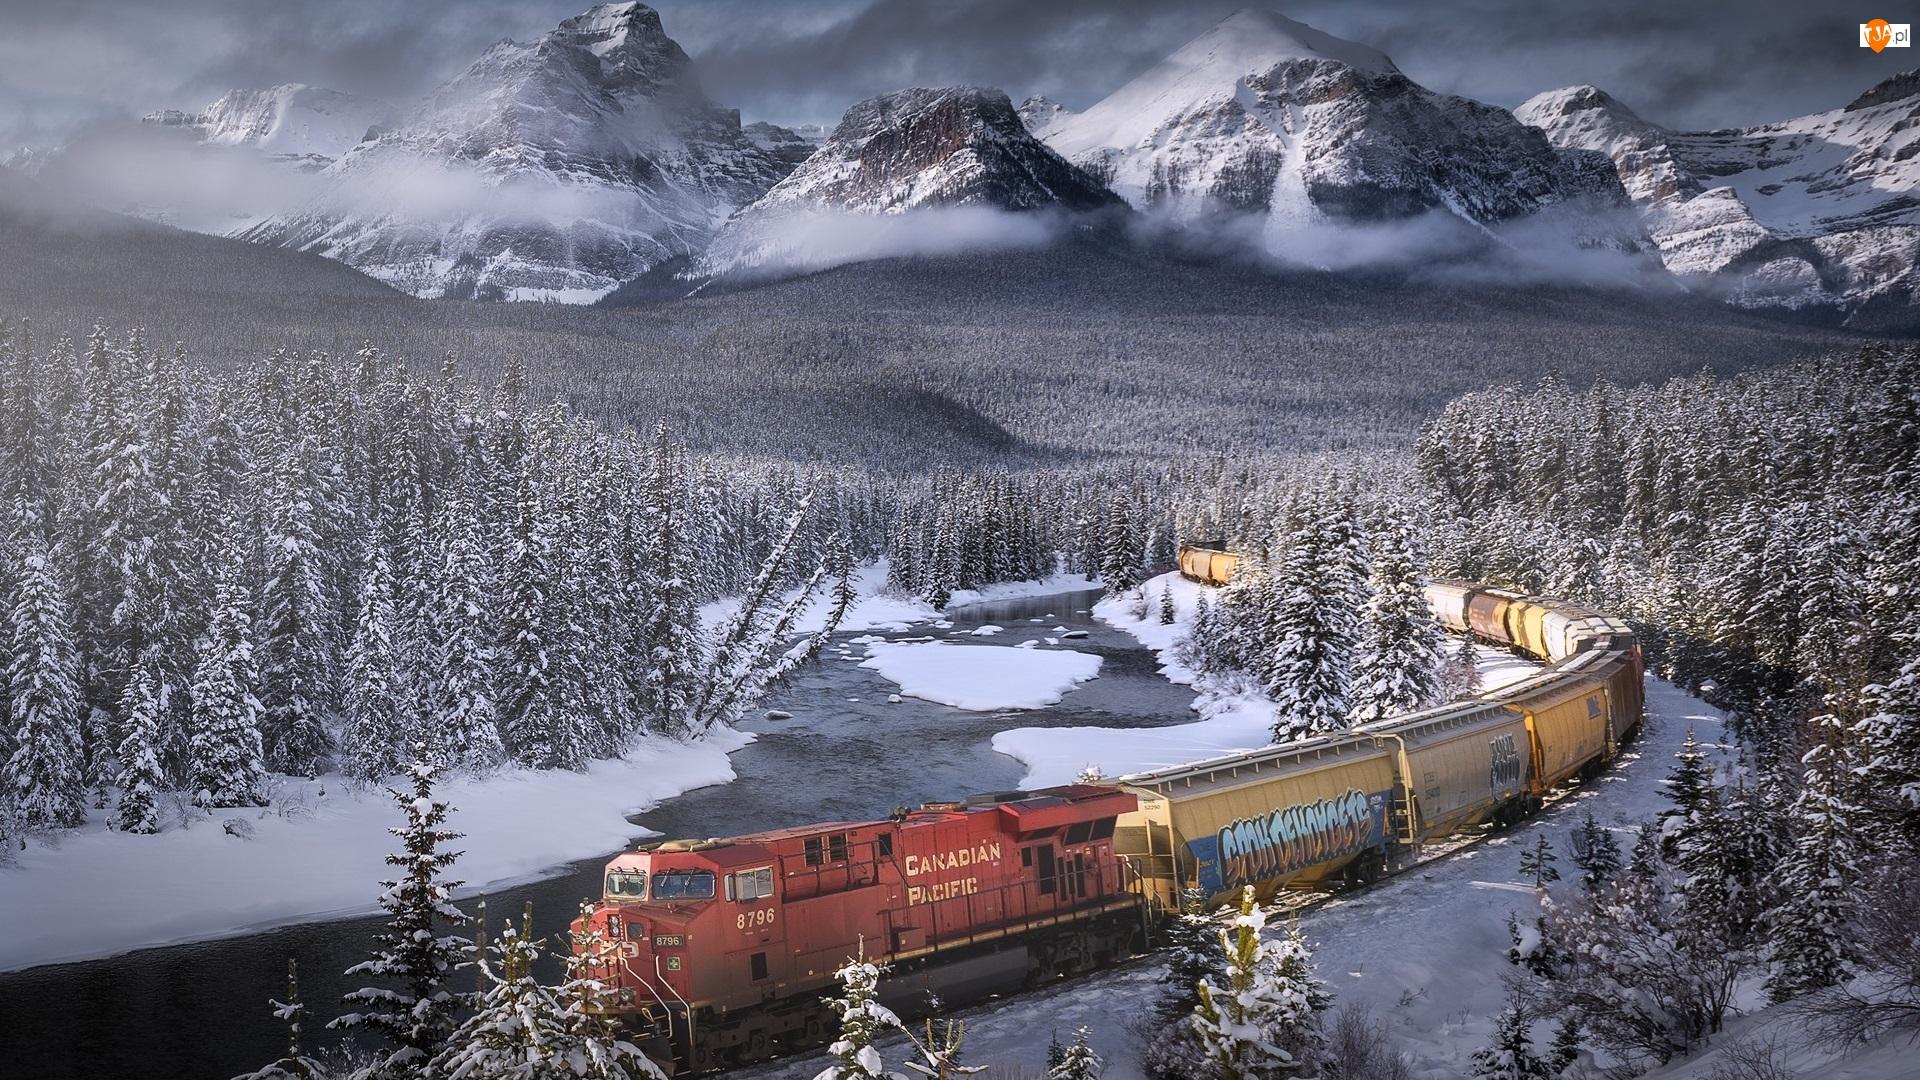 Las, Bow River, Chmury, Park Narodowy Banff, Zima, Alberta, Rzeka, Góry Skaliste, Pociąg, Drzewa, Kanada